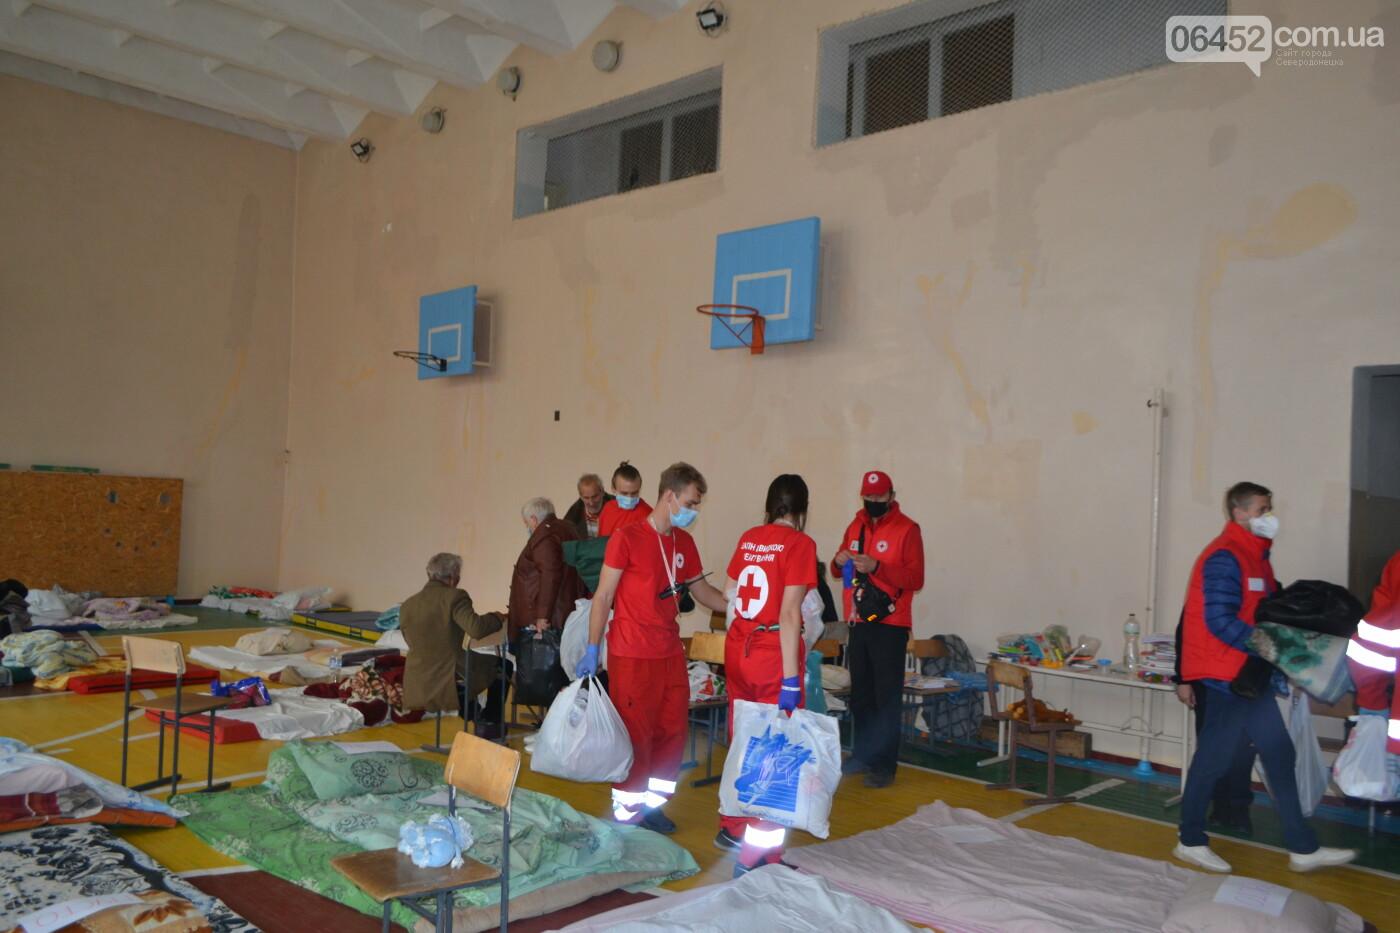 Продукты, средства гигиены и посуда: погорельцы Луганщины нуждаются в помощи, фото-7